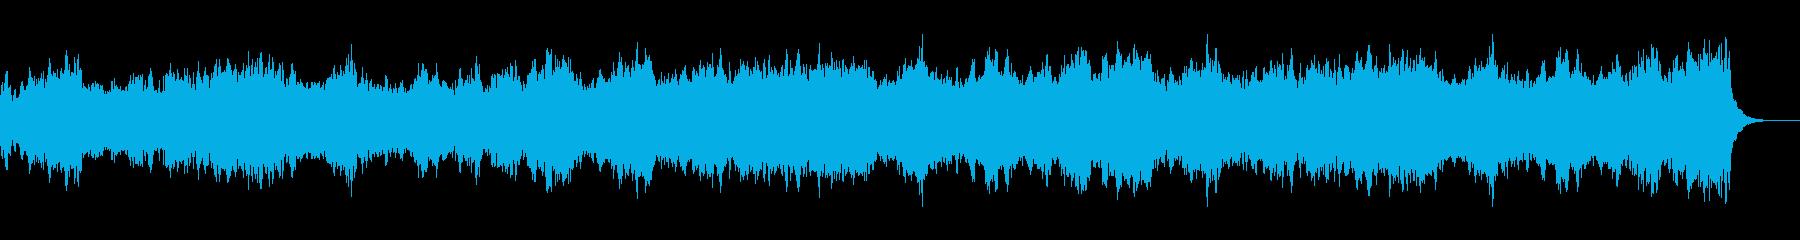 映画の感動的なシーンで流れるようなBGMの再生済みの波形